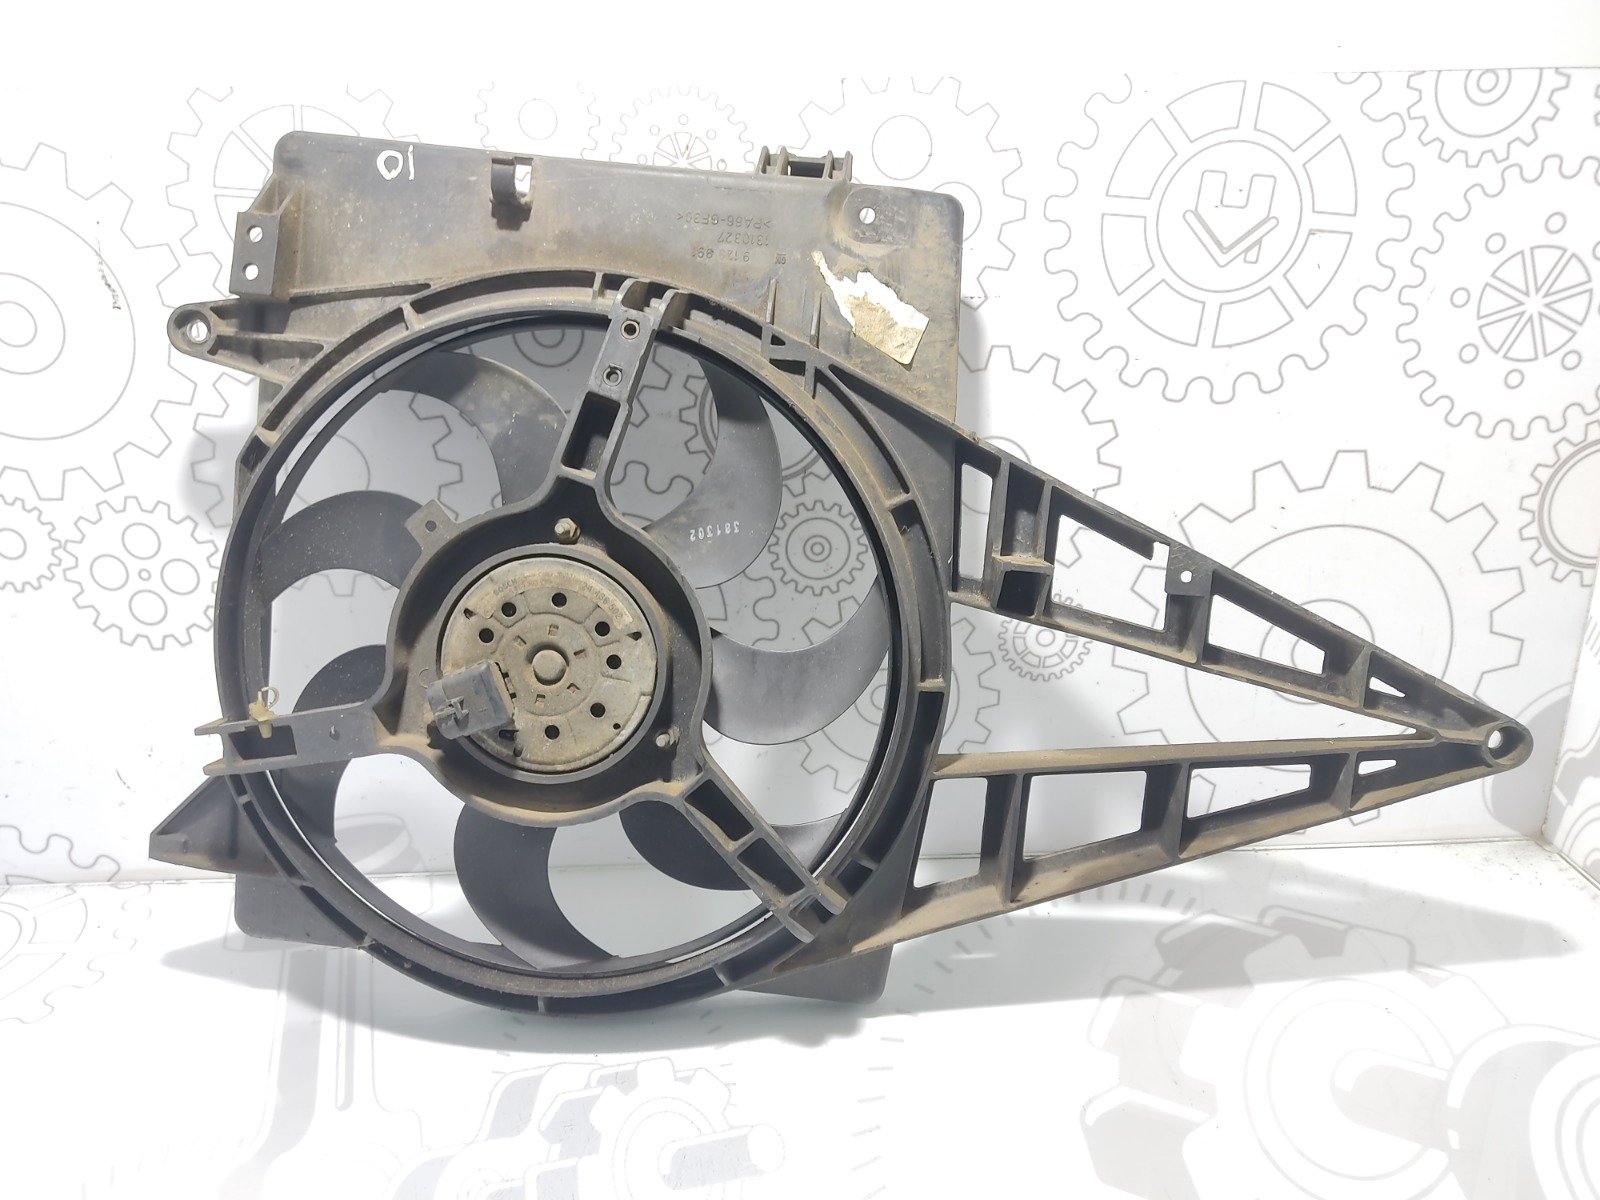 Вентилятор радиатора Opel Omega B 2.2 I 2003 (б/у)